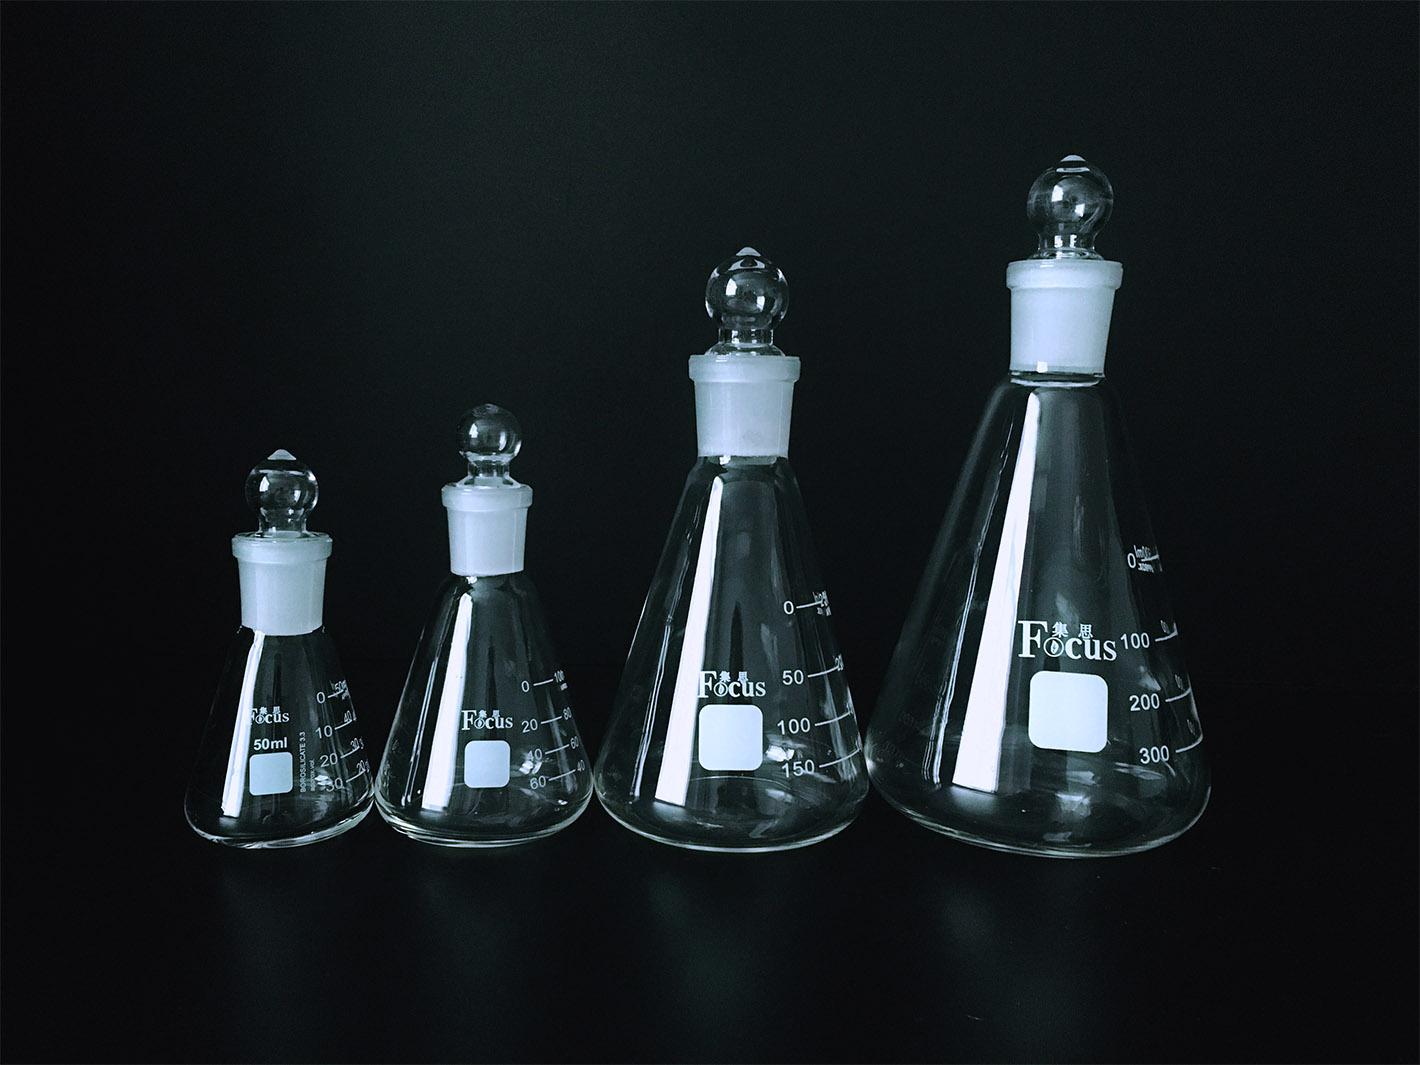 葵花 集思具塞三角烧瓶